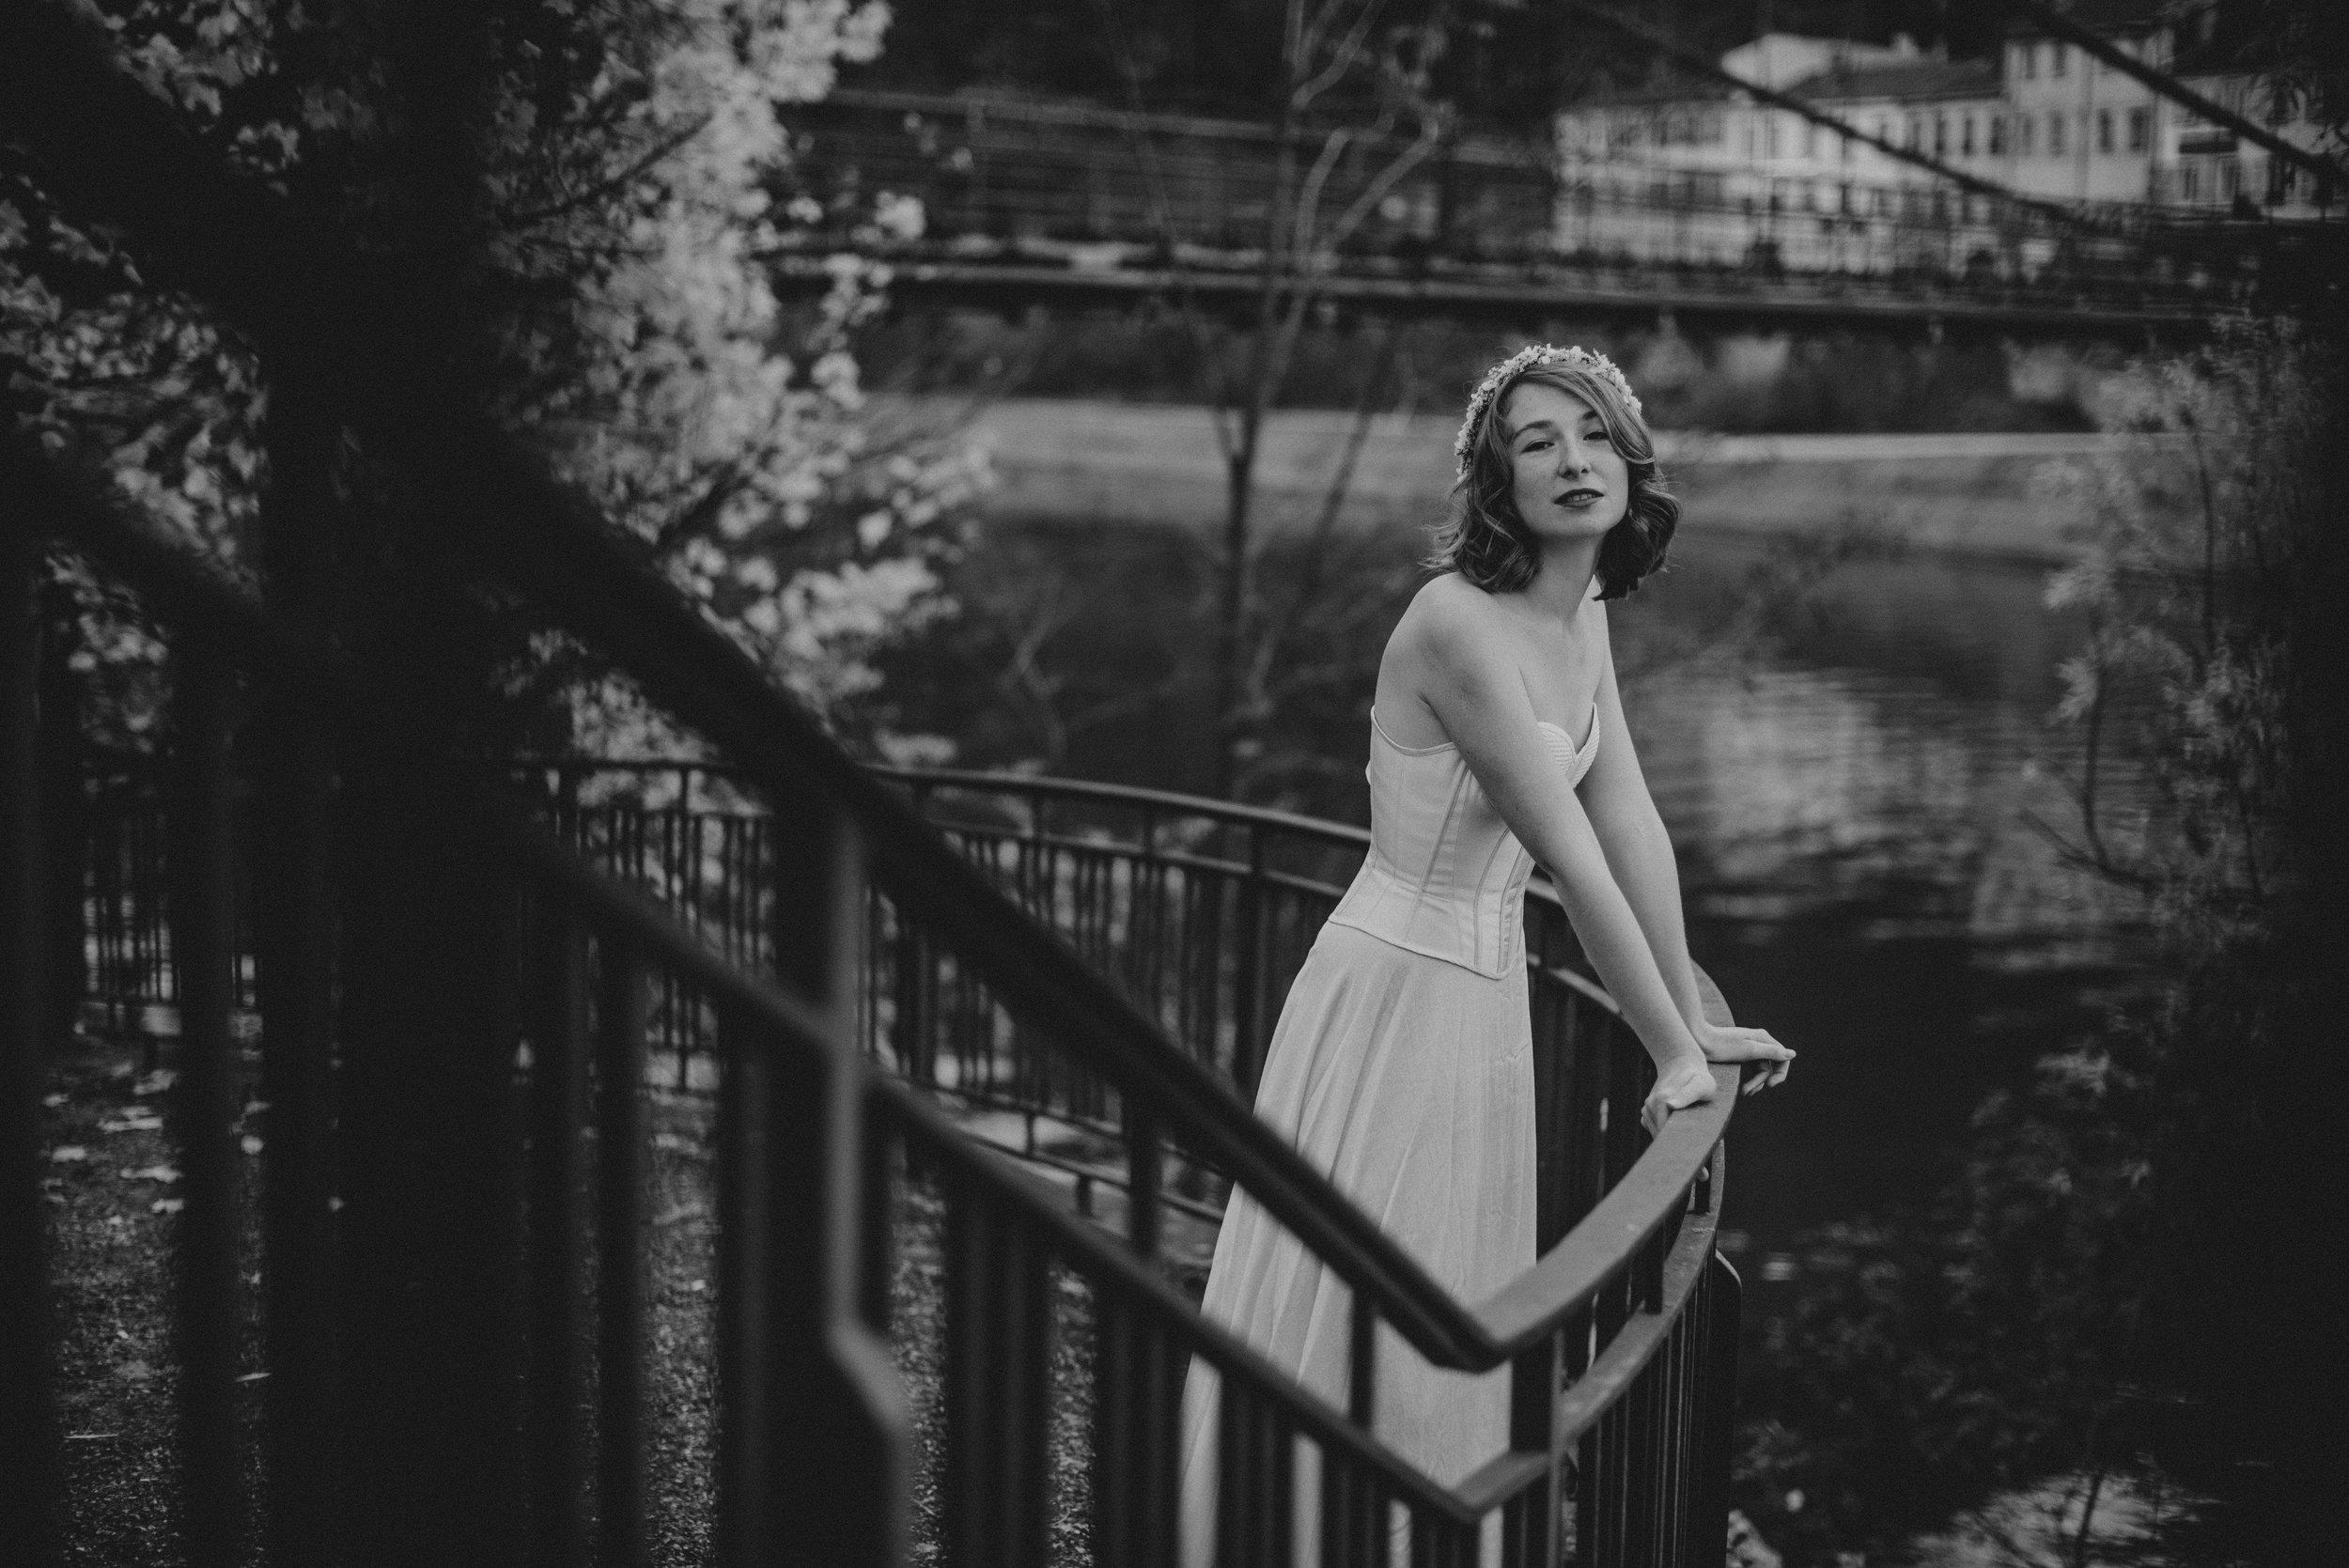 Léa-Fery-photographe-professionnel-lyon-rhone-alpes-portrait-creation-mariage-evenement-evenementiel-famille-6034-2.jpg